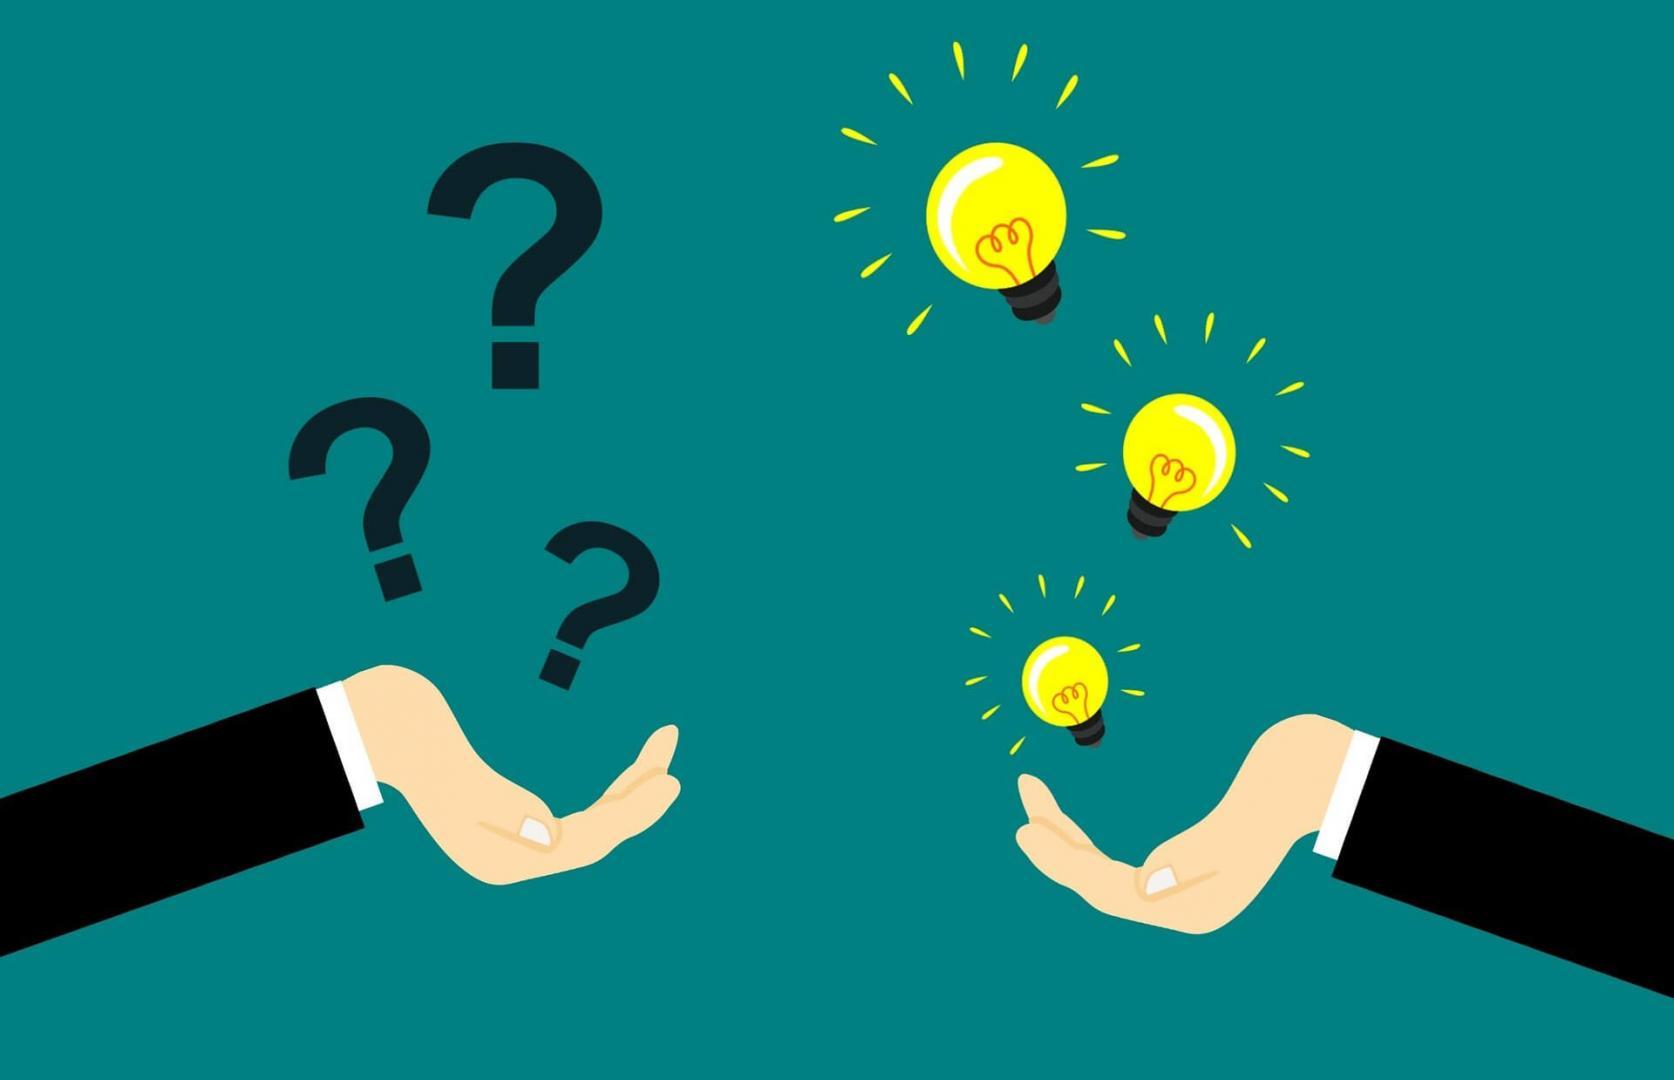 Какво ще Ви попитаме, ако ни потърсите за корпоративен сайт?